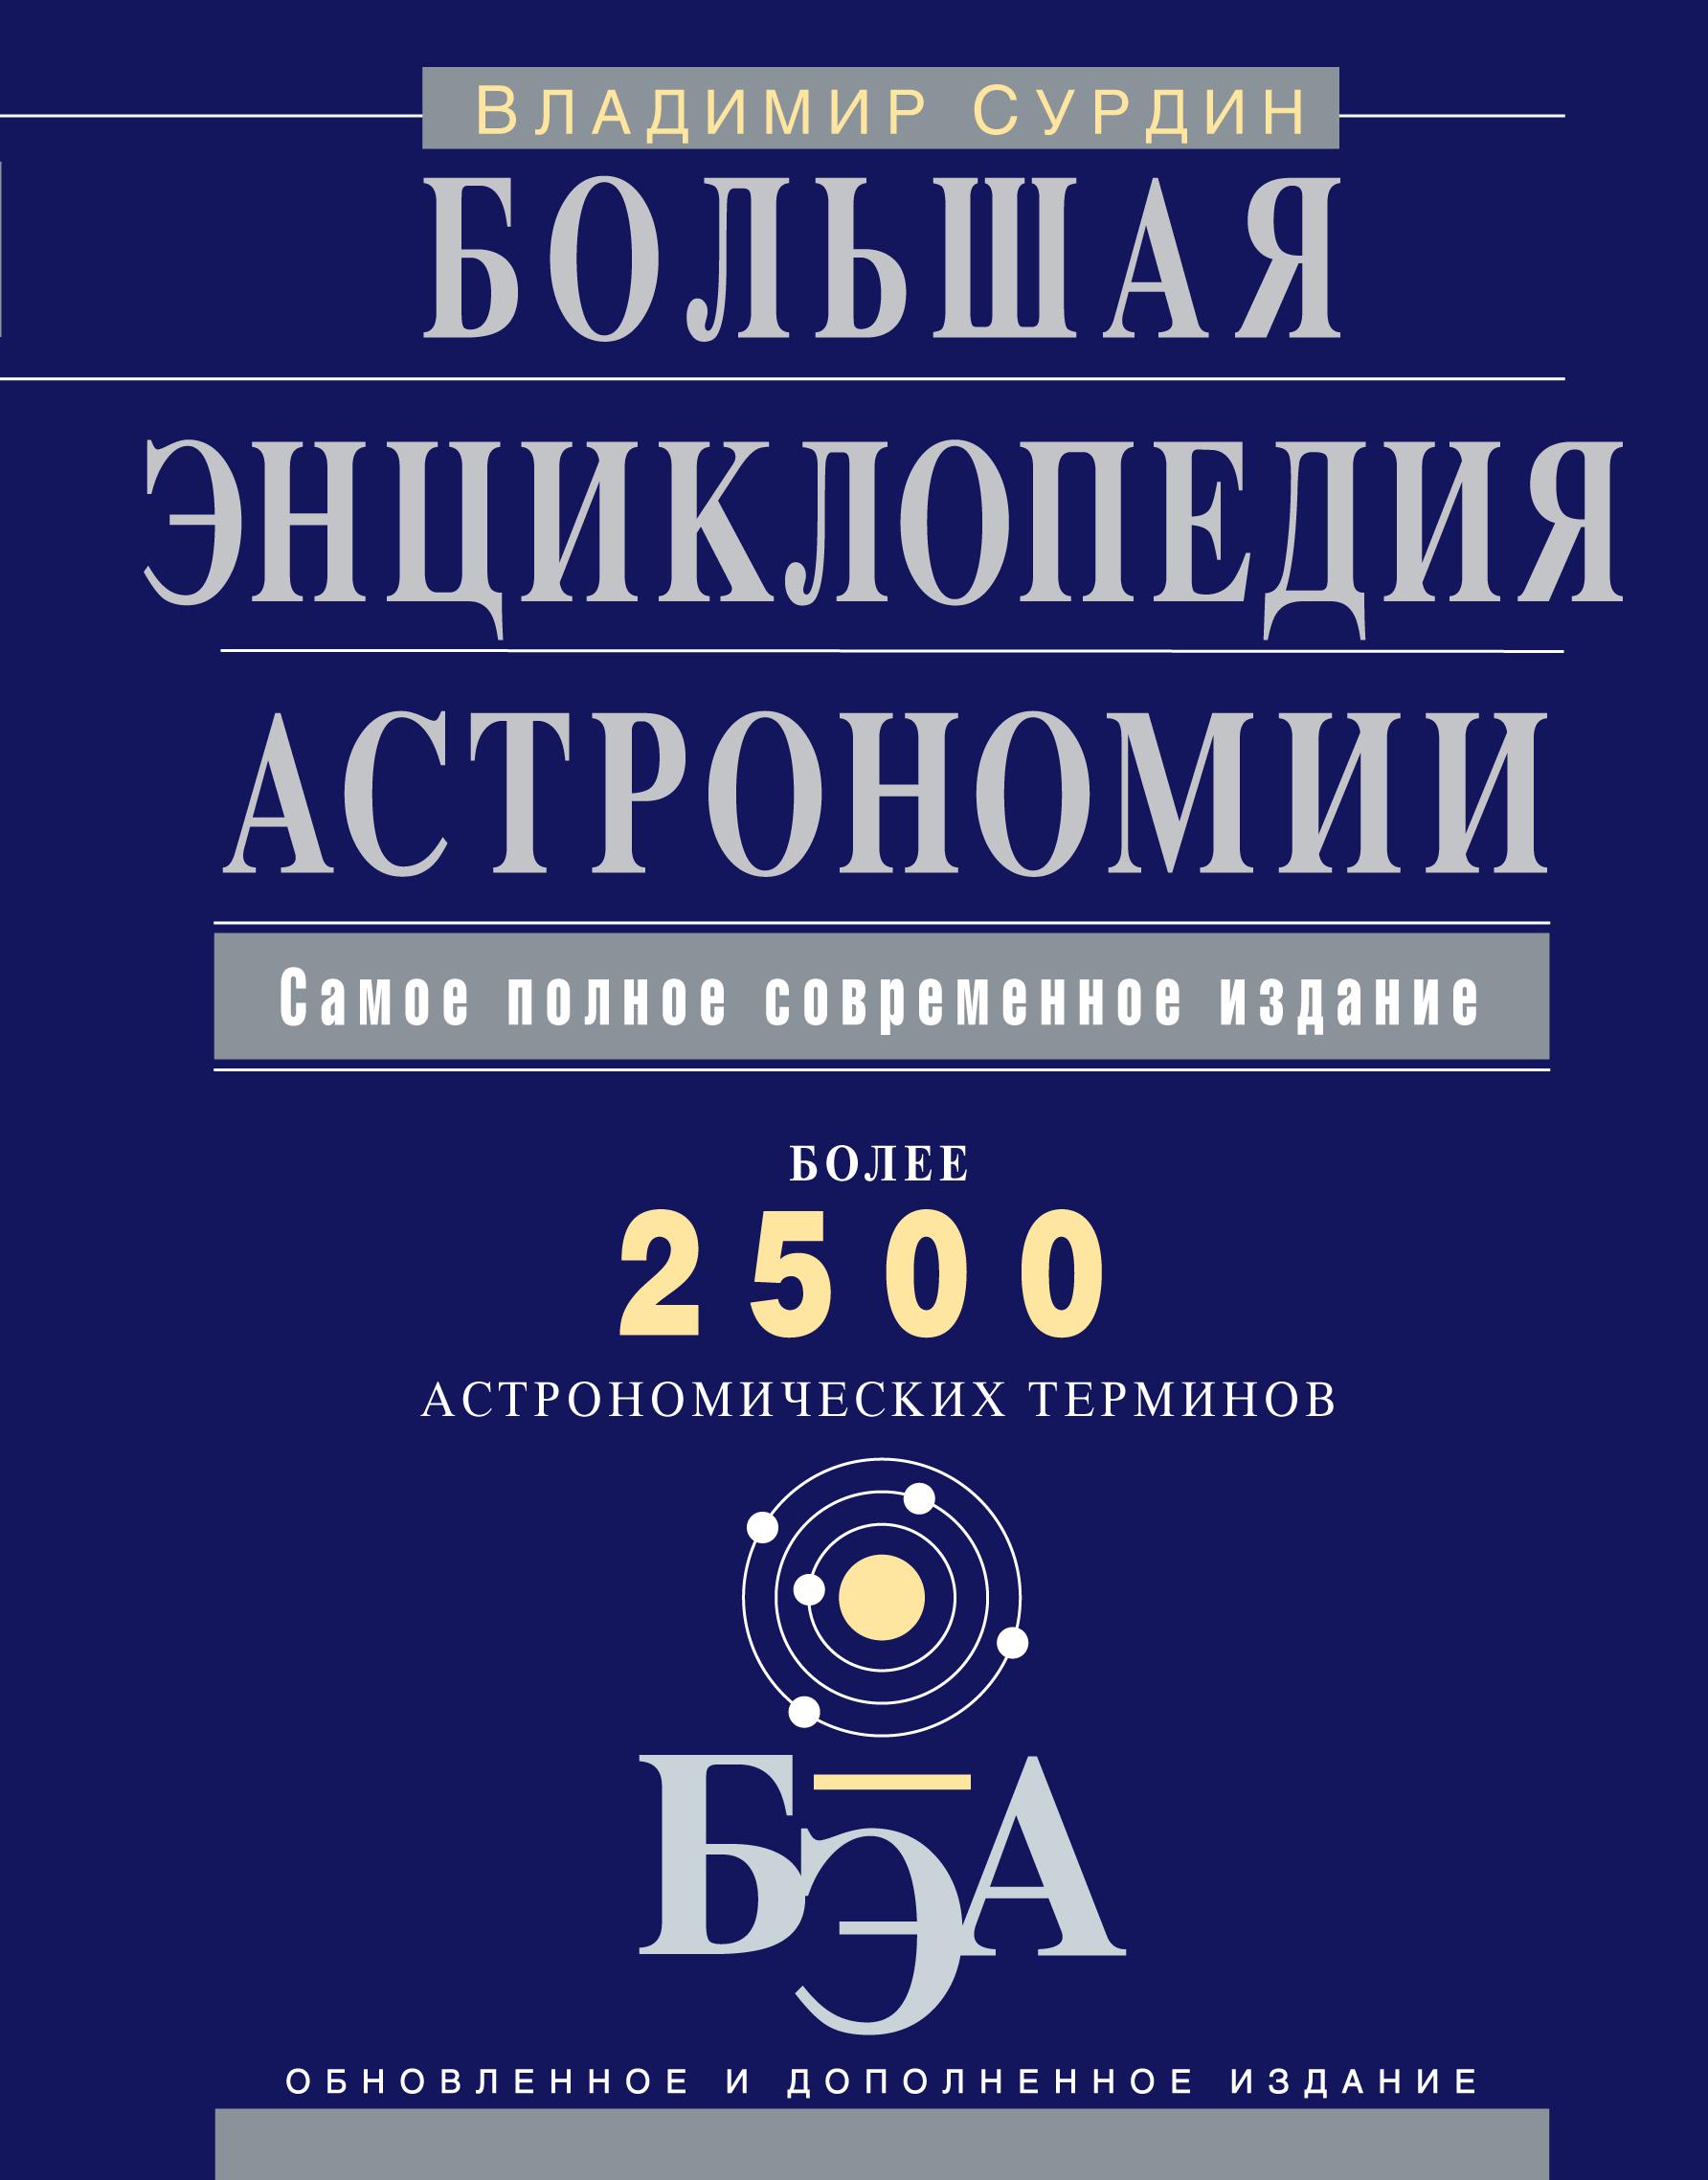 Сурдин В.Г. Большая энциклопедия астрономии